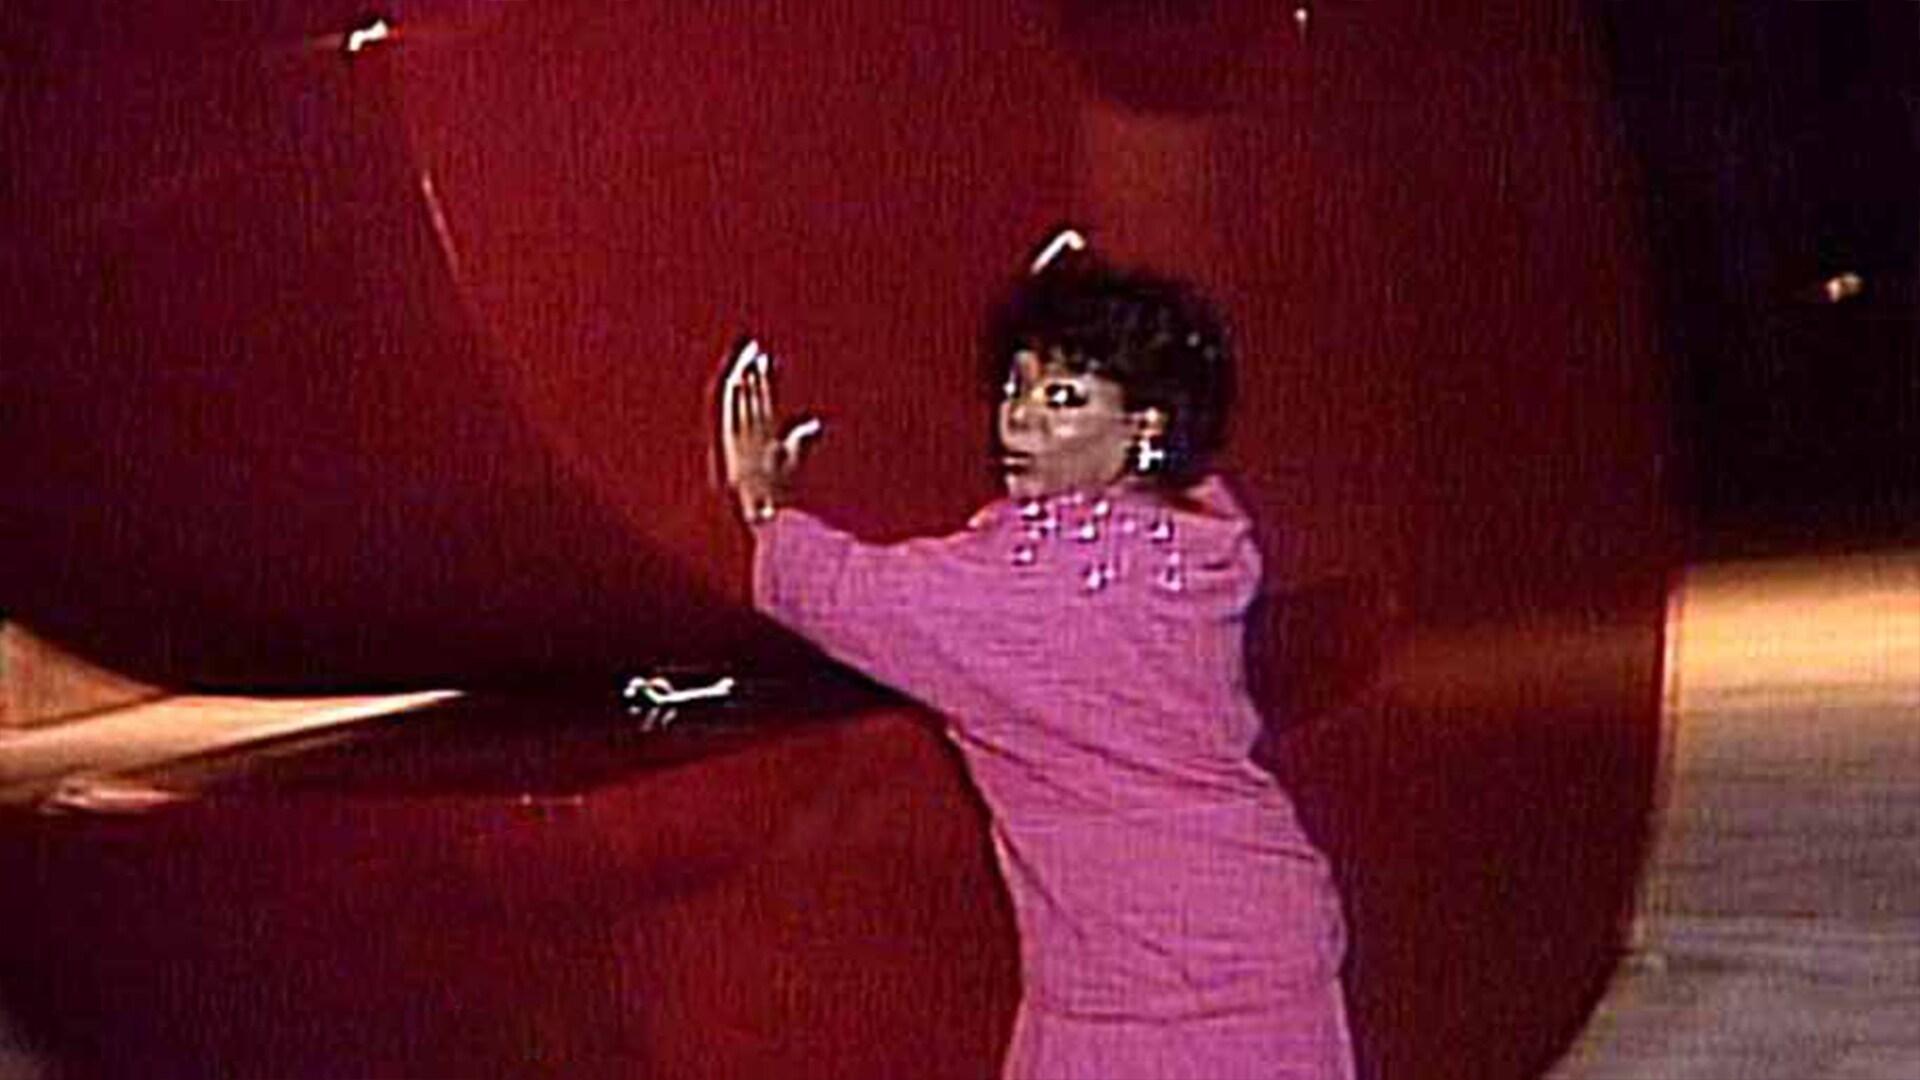 Oprah Winfrey: April 12, 1986